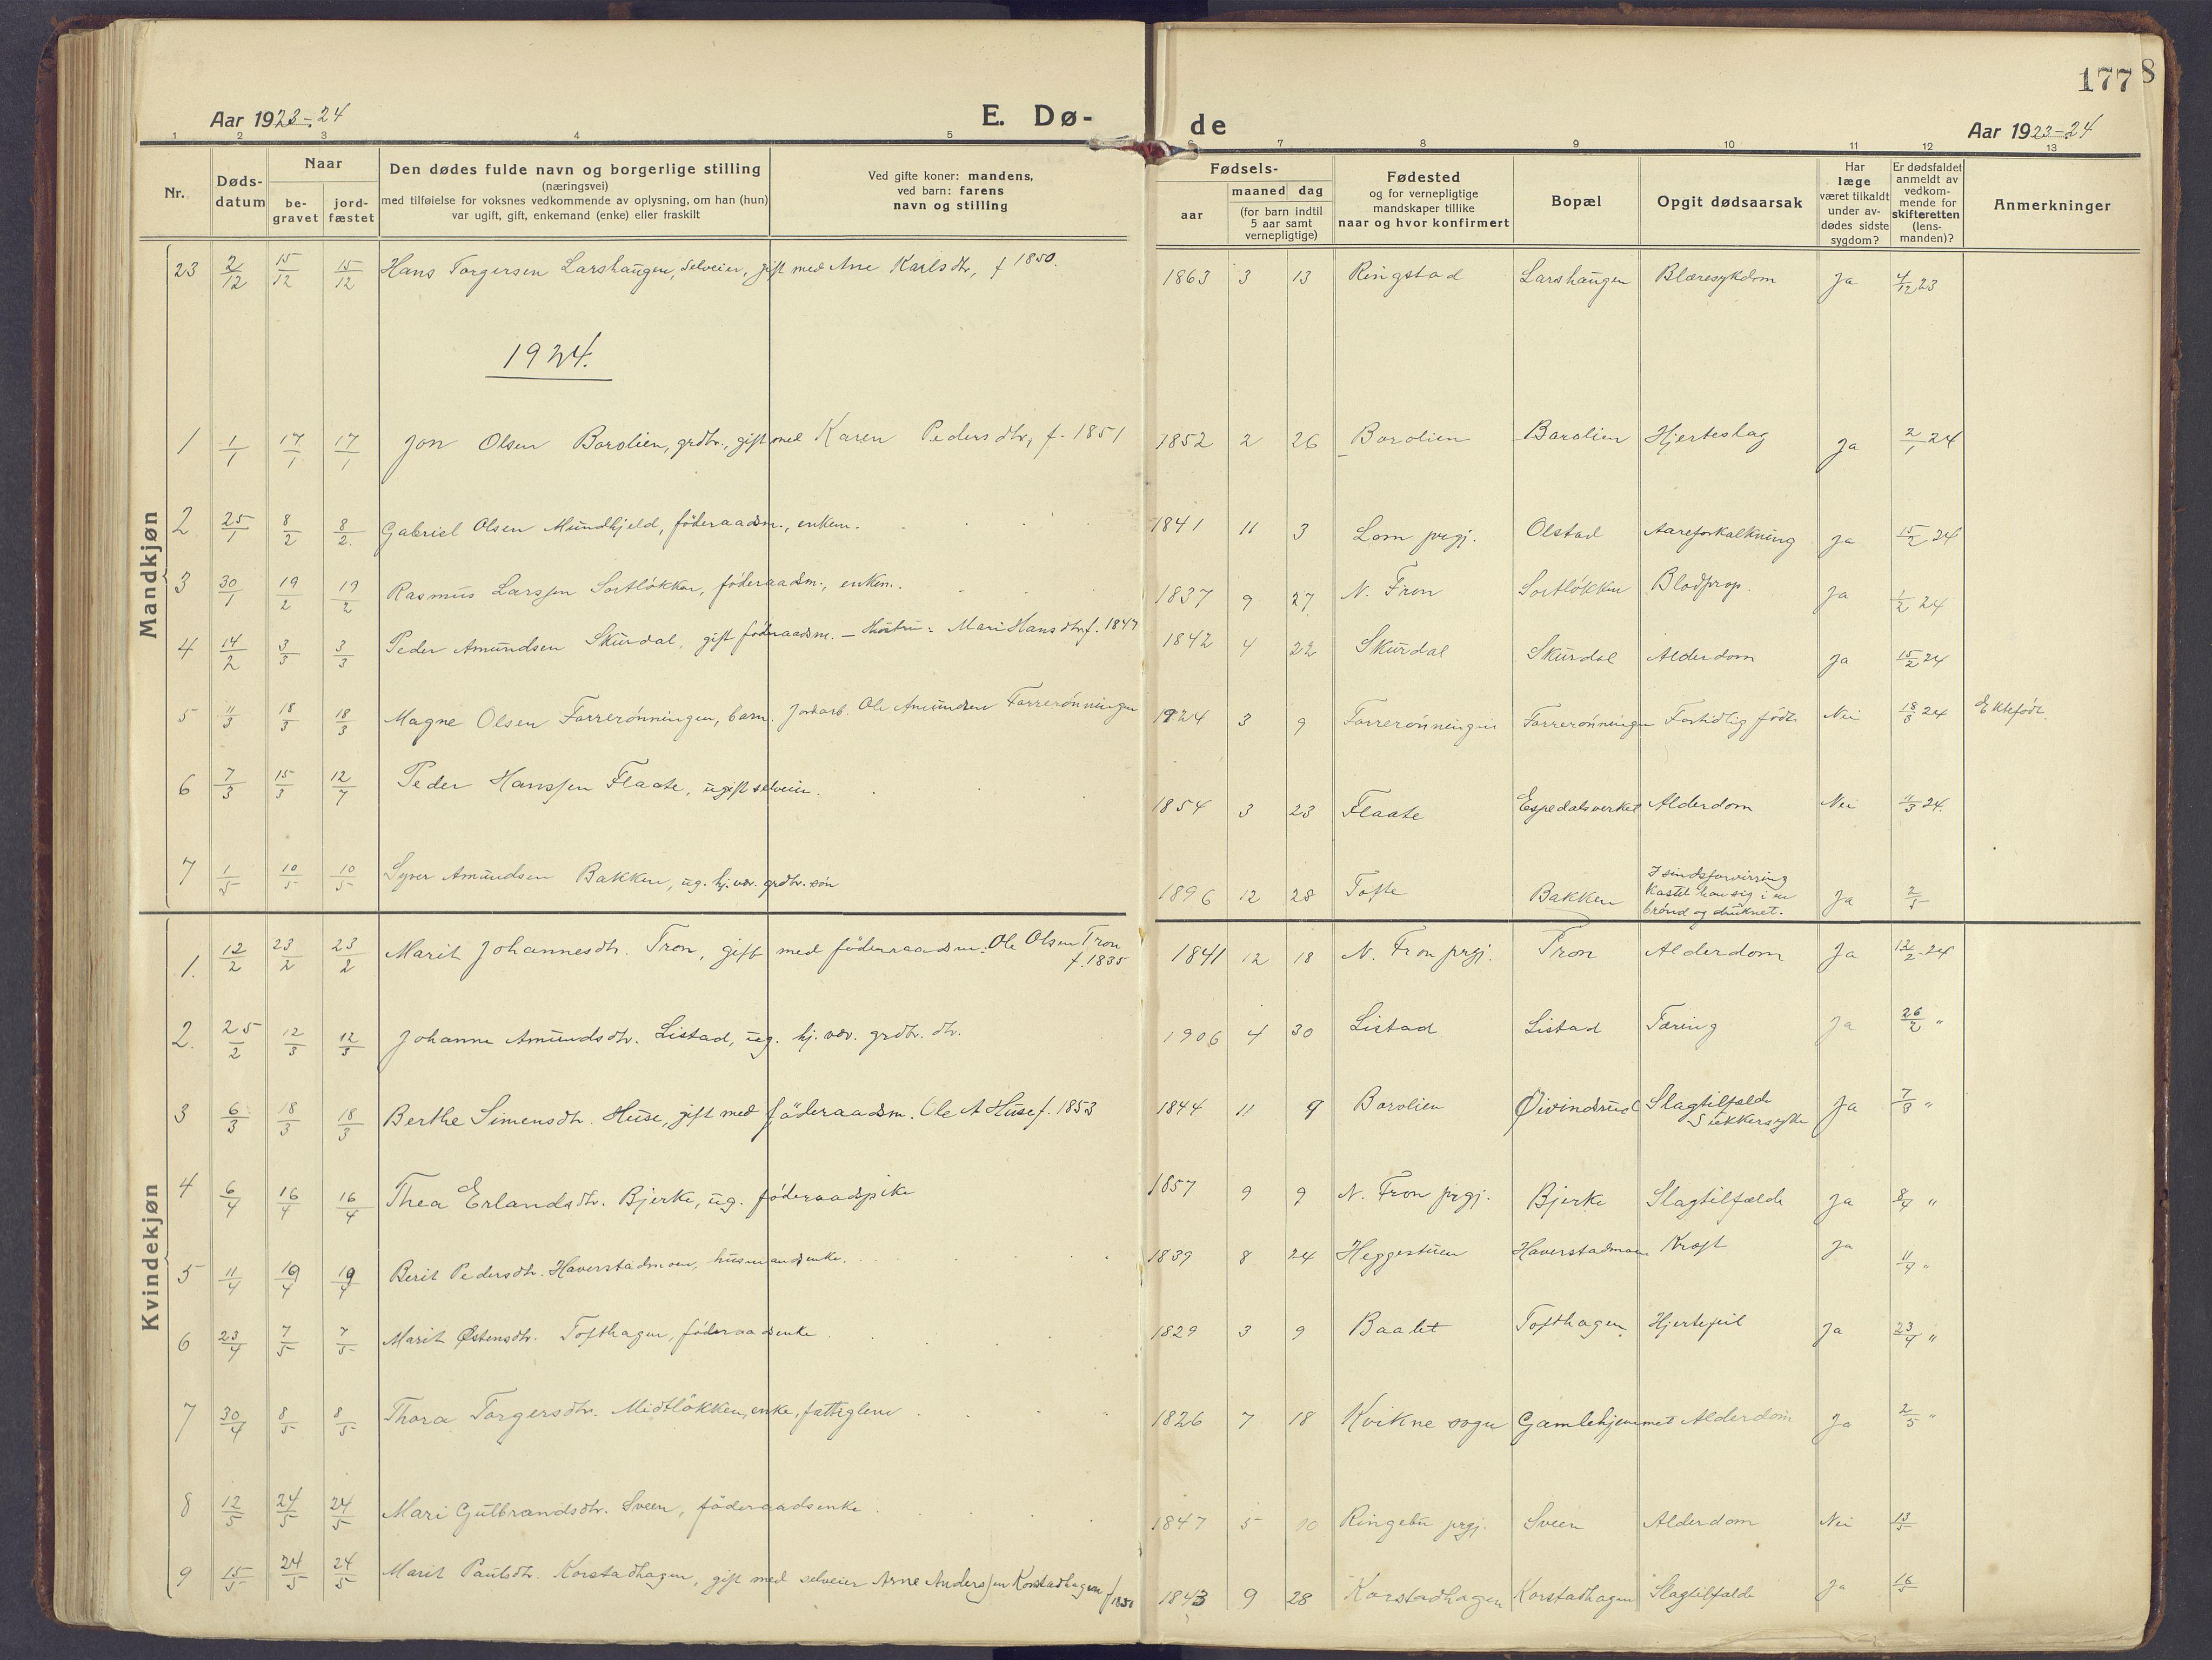 SAH, Sør-Fron prestekontor, H/Ha/Haa/L0005: Ministerialbok nr. 5, 1920-1933, s. 177